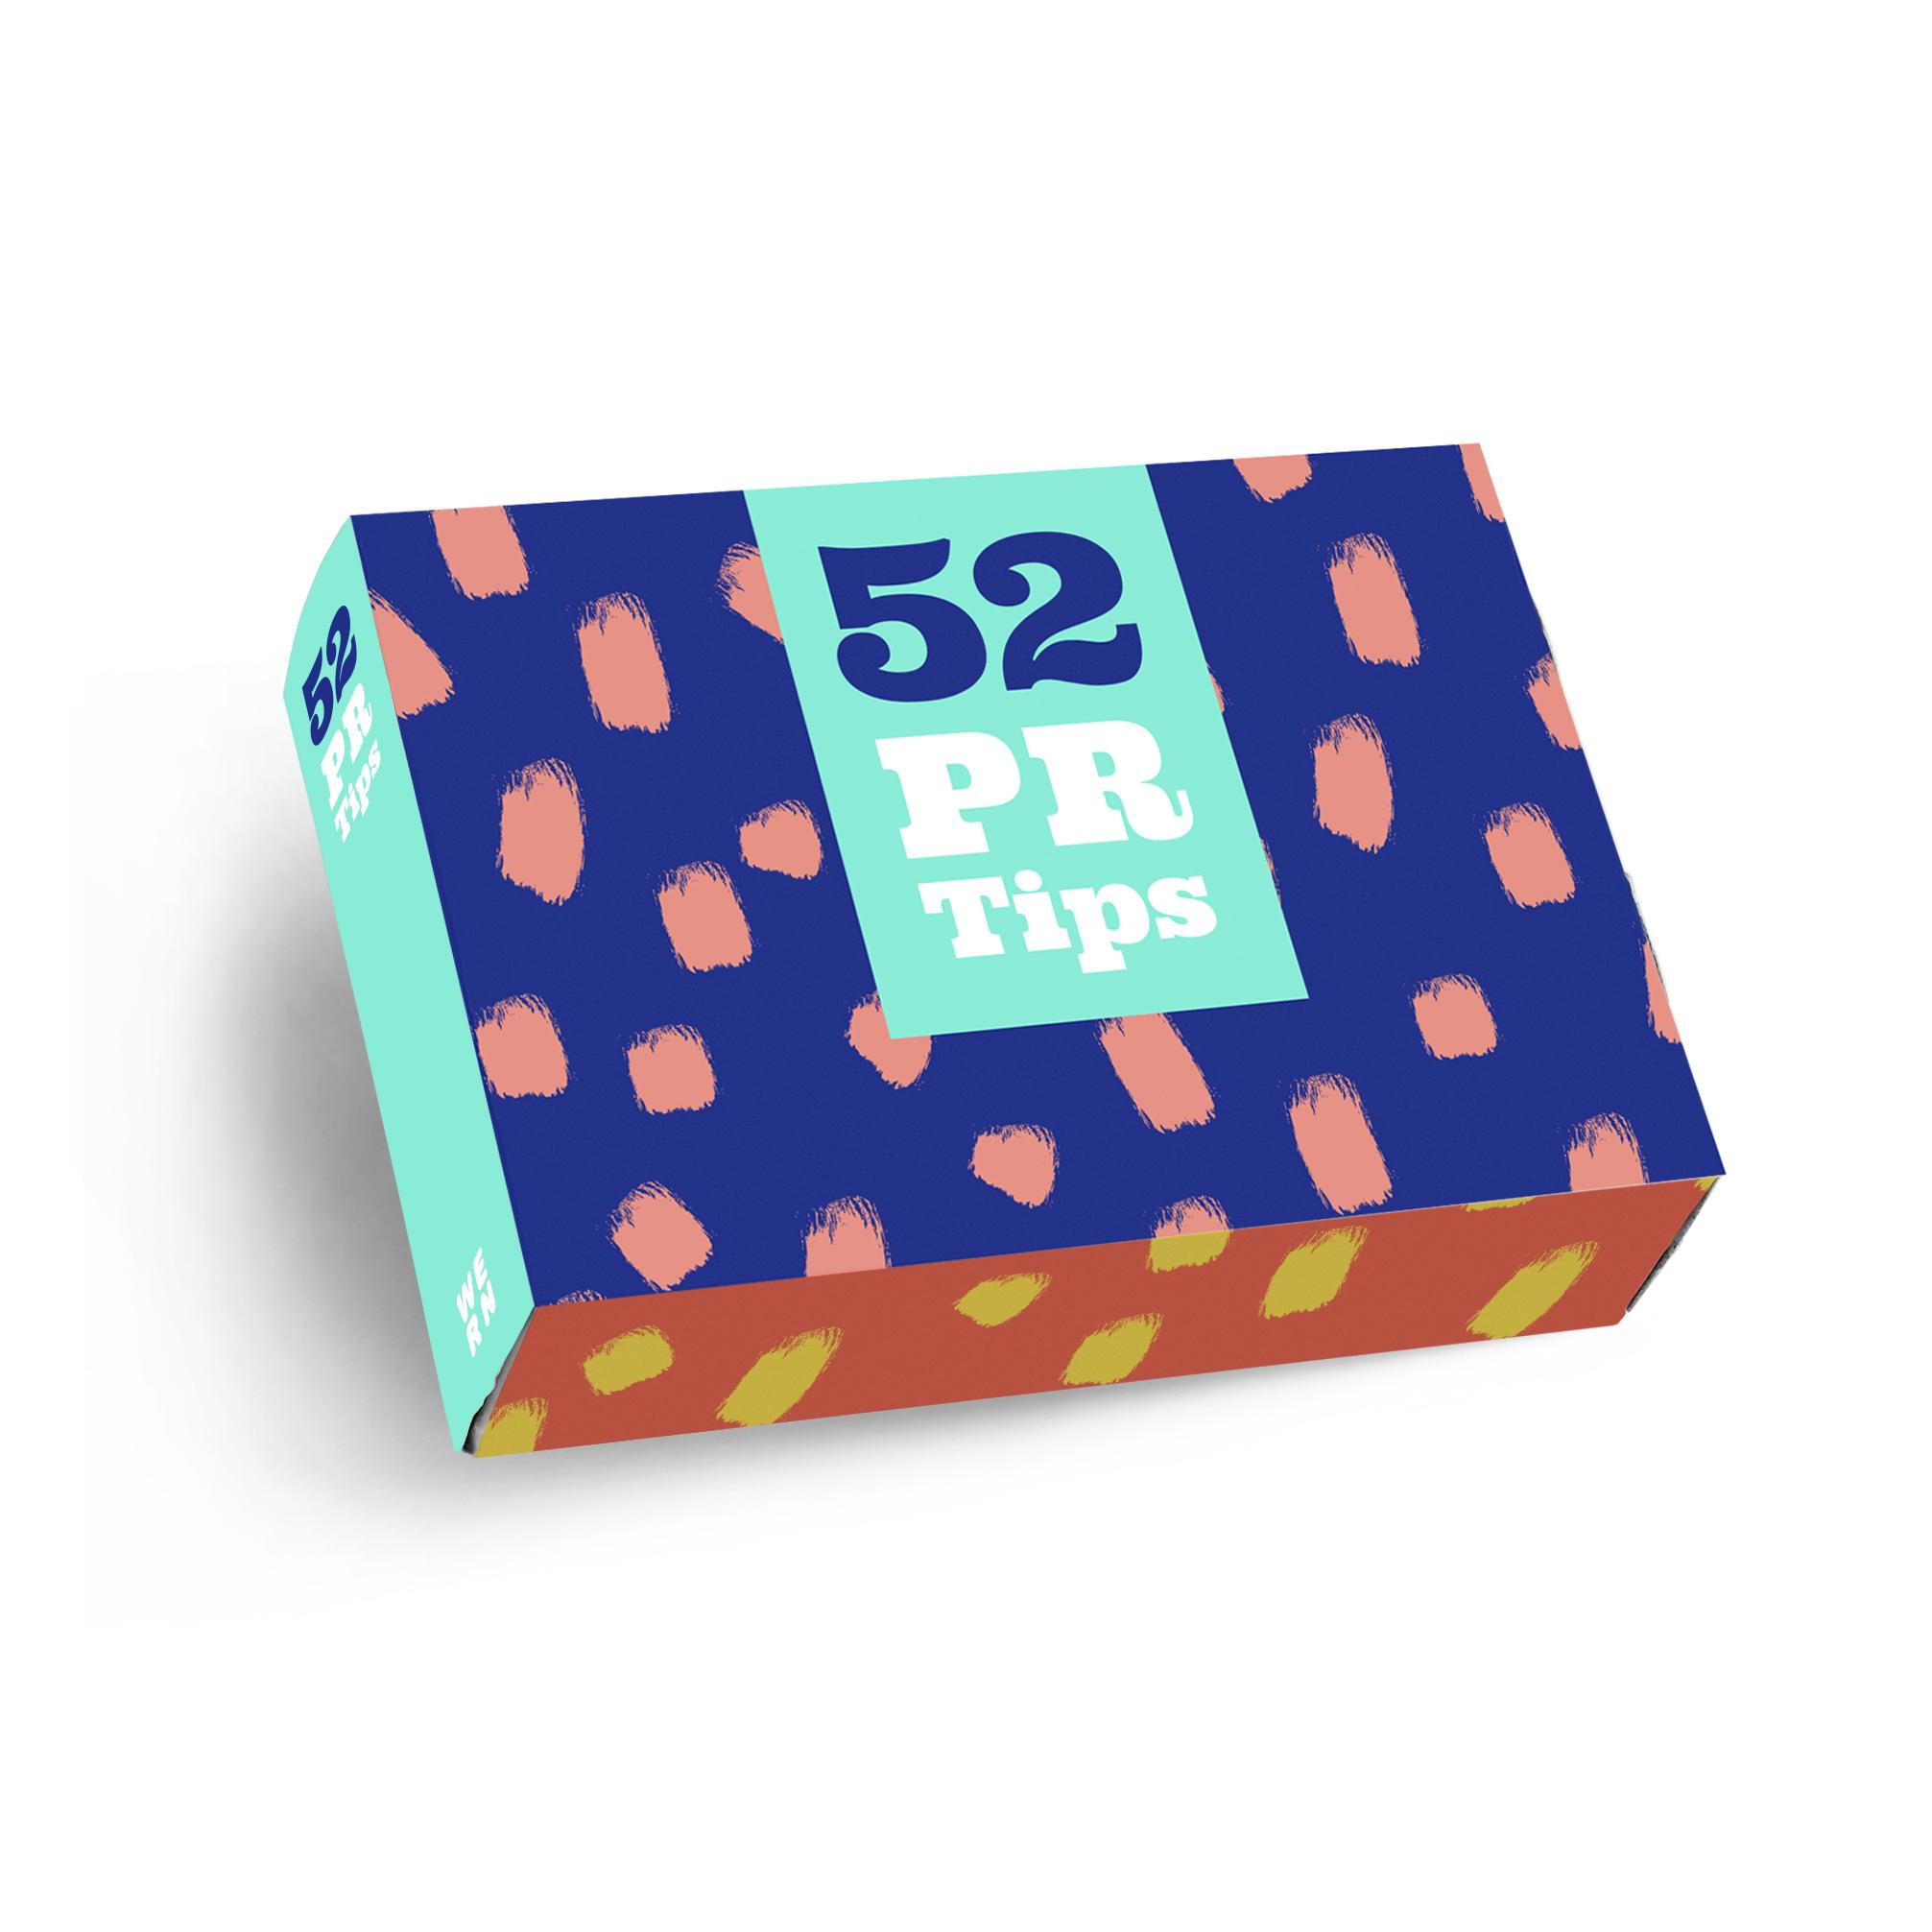 52PRTips-box-mockup-White-V2.jpg